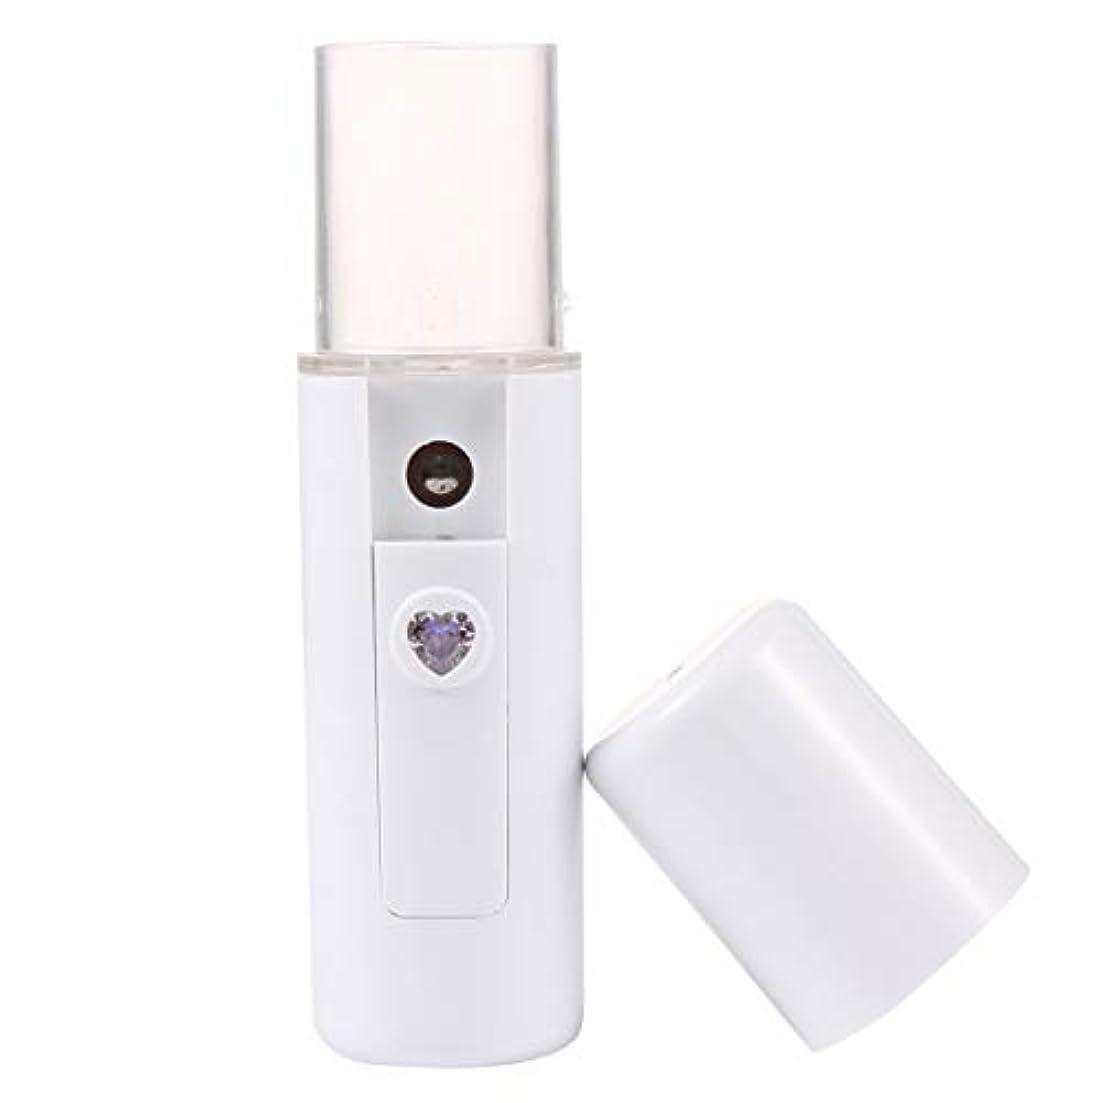 ガイダンスキネマティクスミリメートルIntercoreyの水噴霧器L3 USBの再充電可能な水噴霧器の携帯用表面保湿の美装置